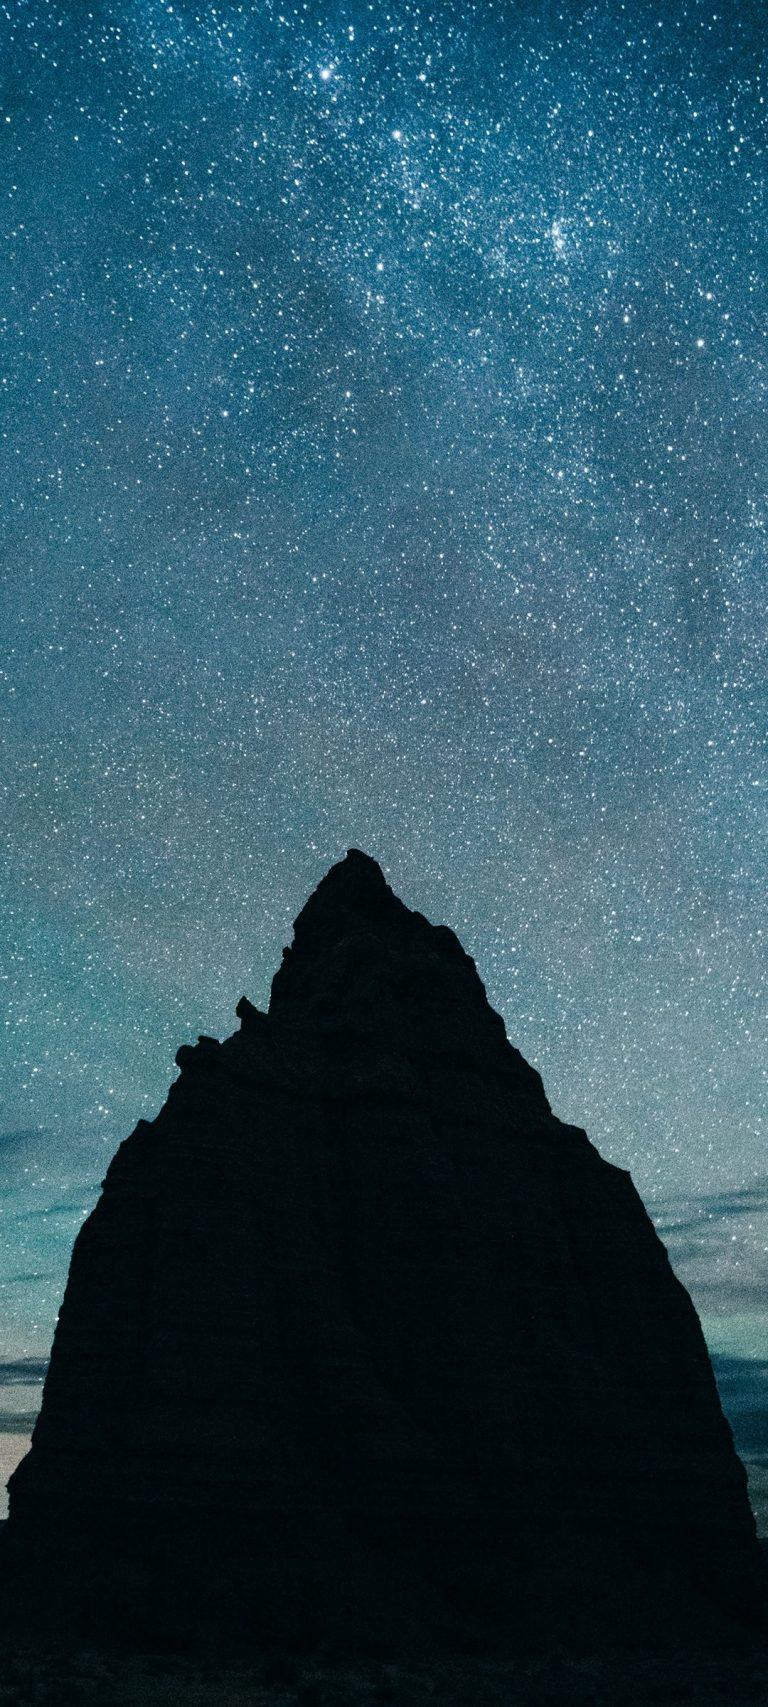 Starry Sky Hills Night 1080x2400 768x1707